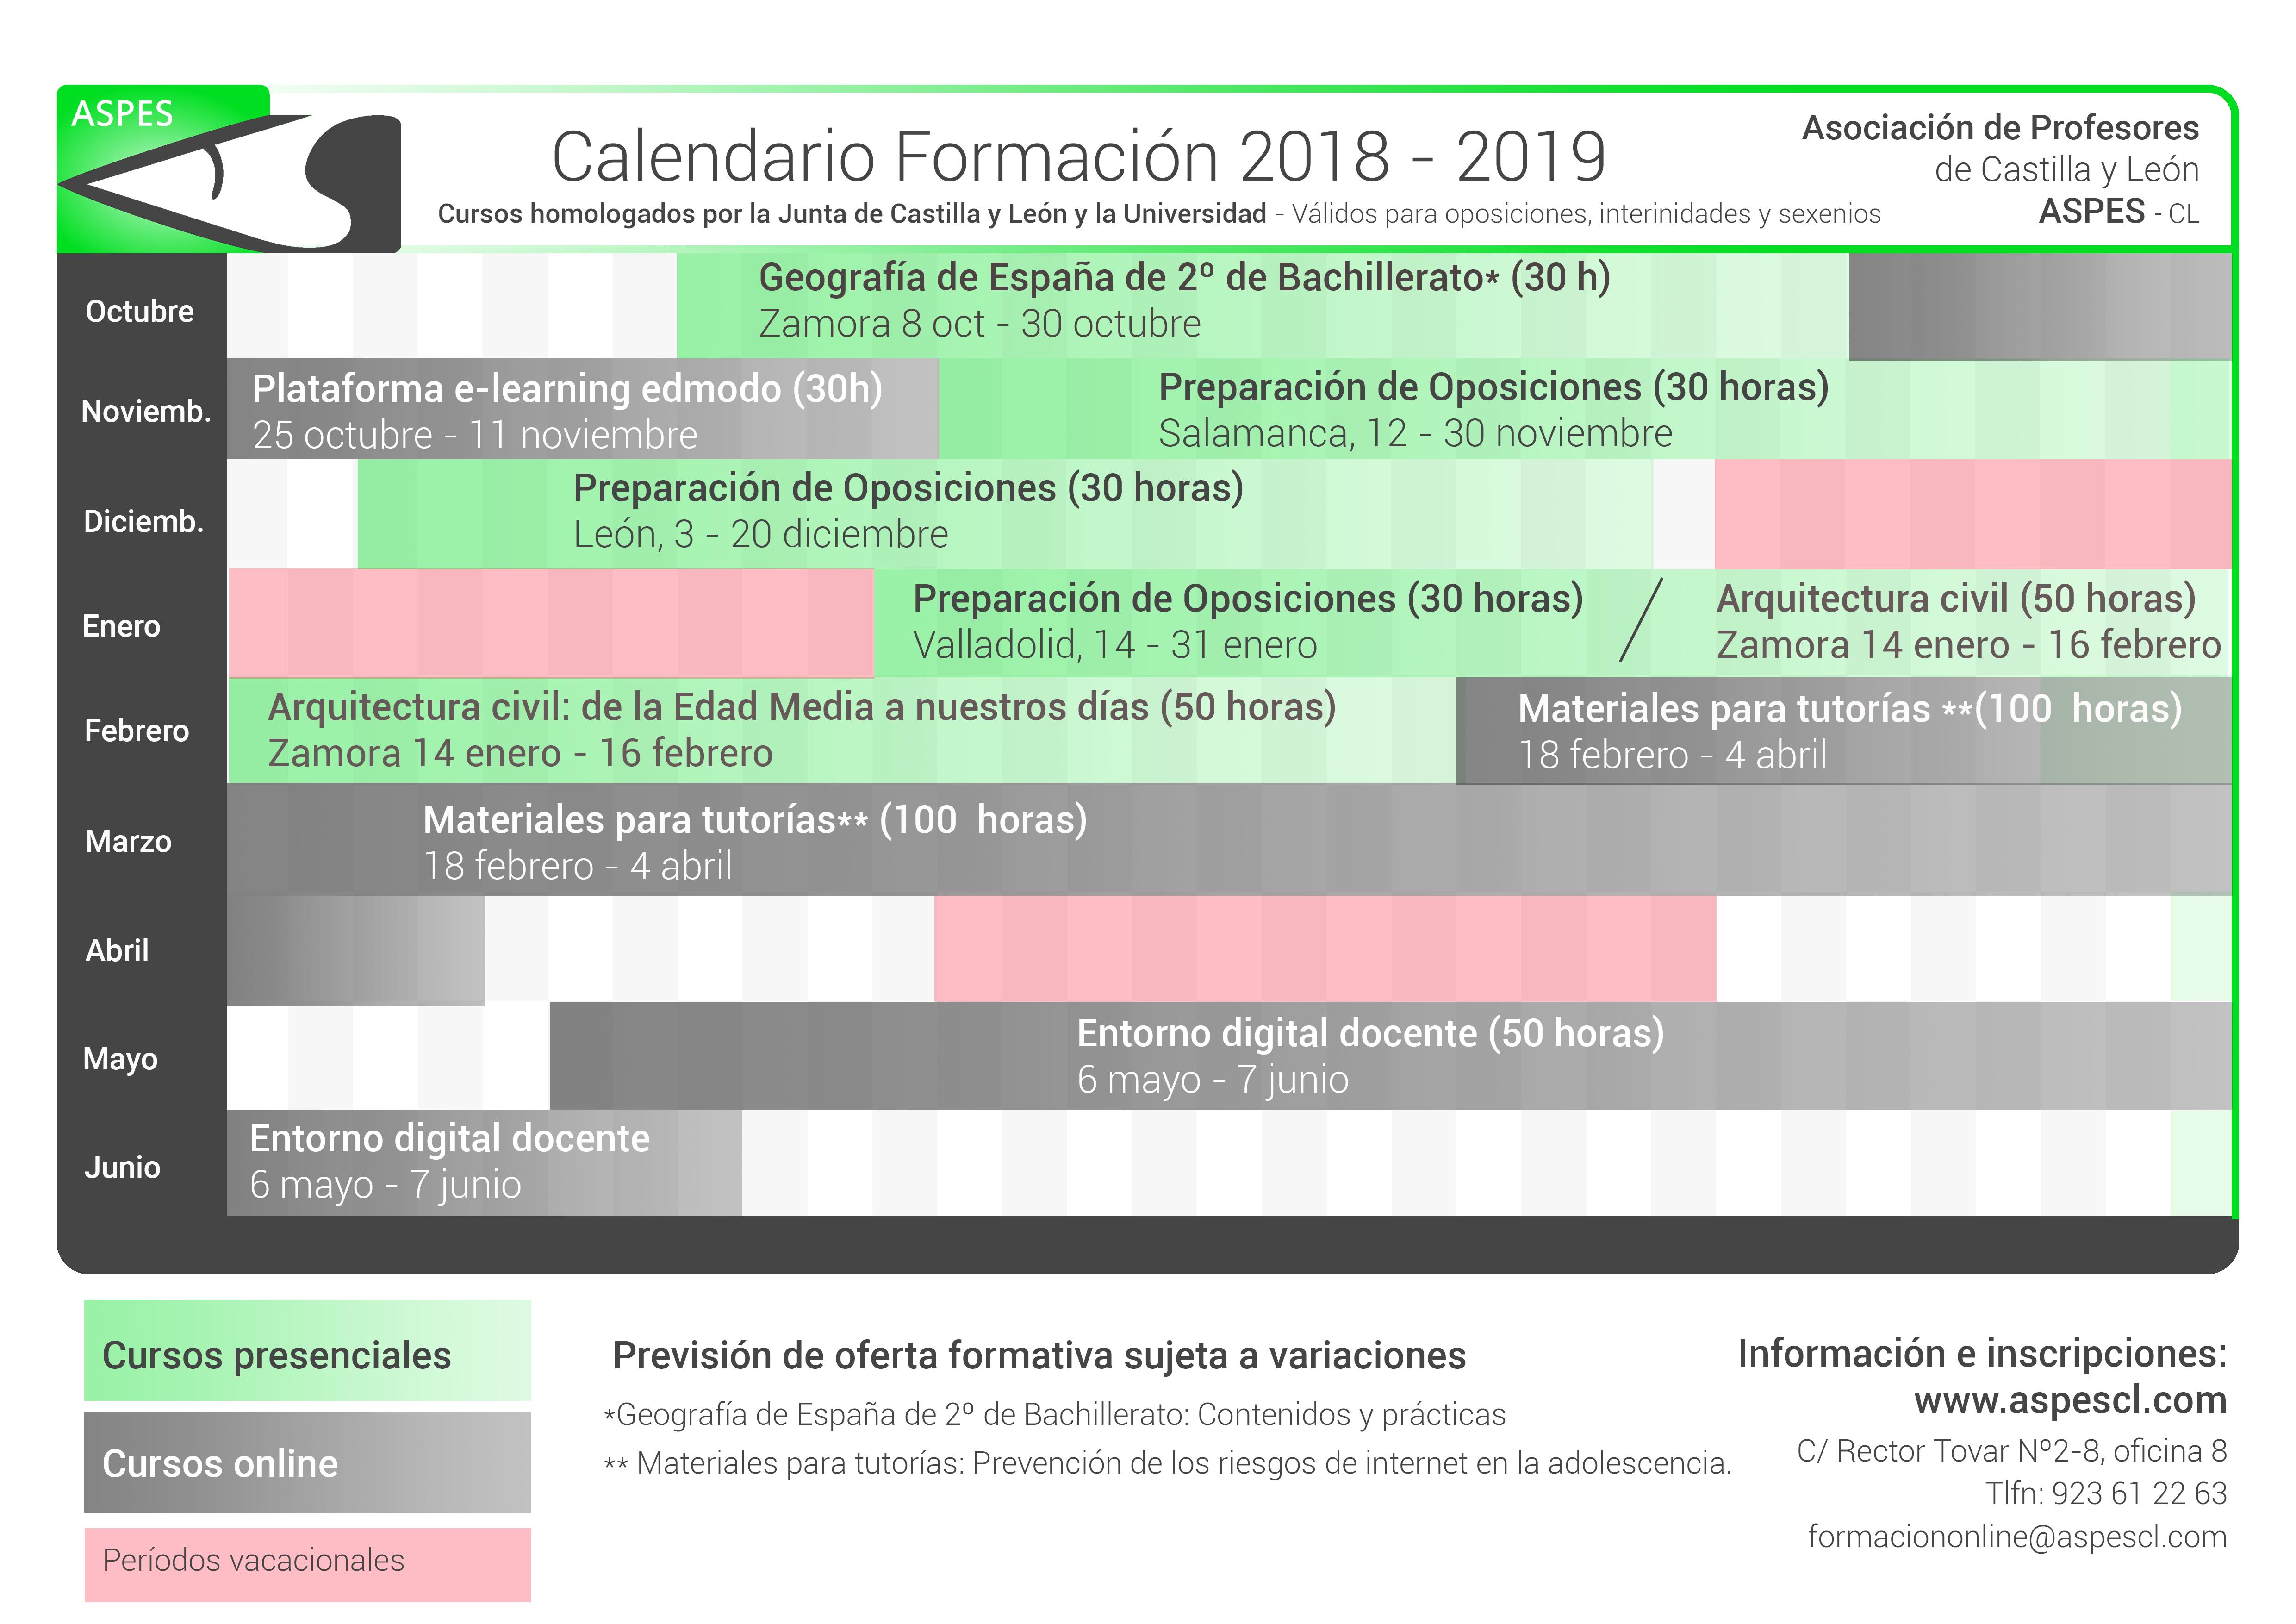 Calendario Educacyl.Calendario De Formacion 2018 2019